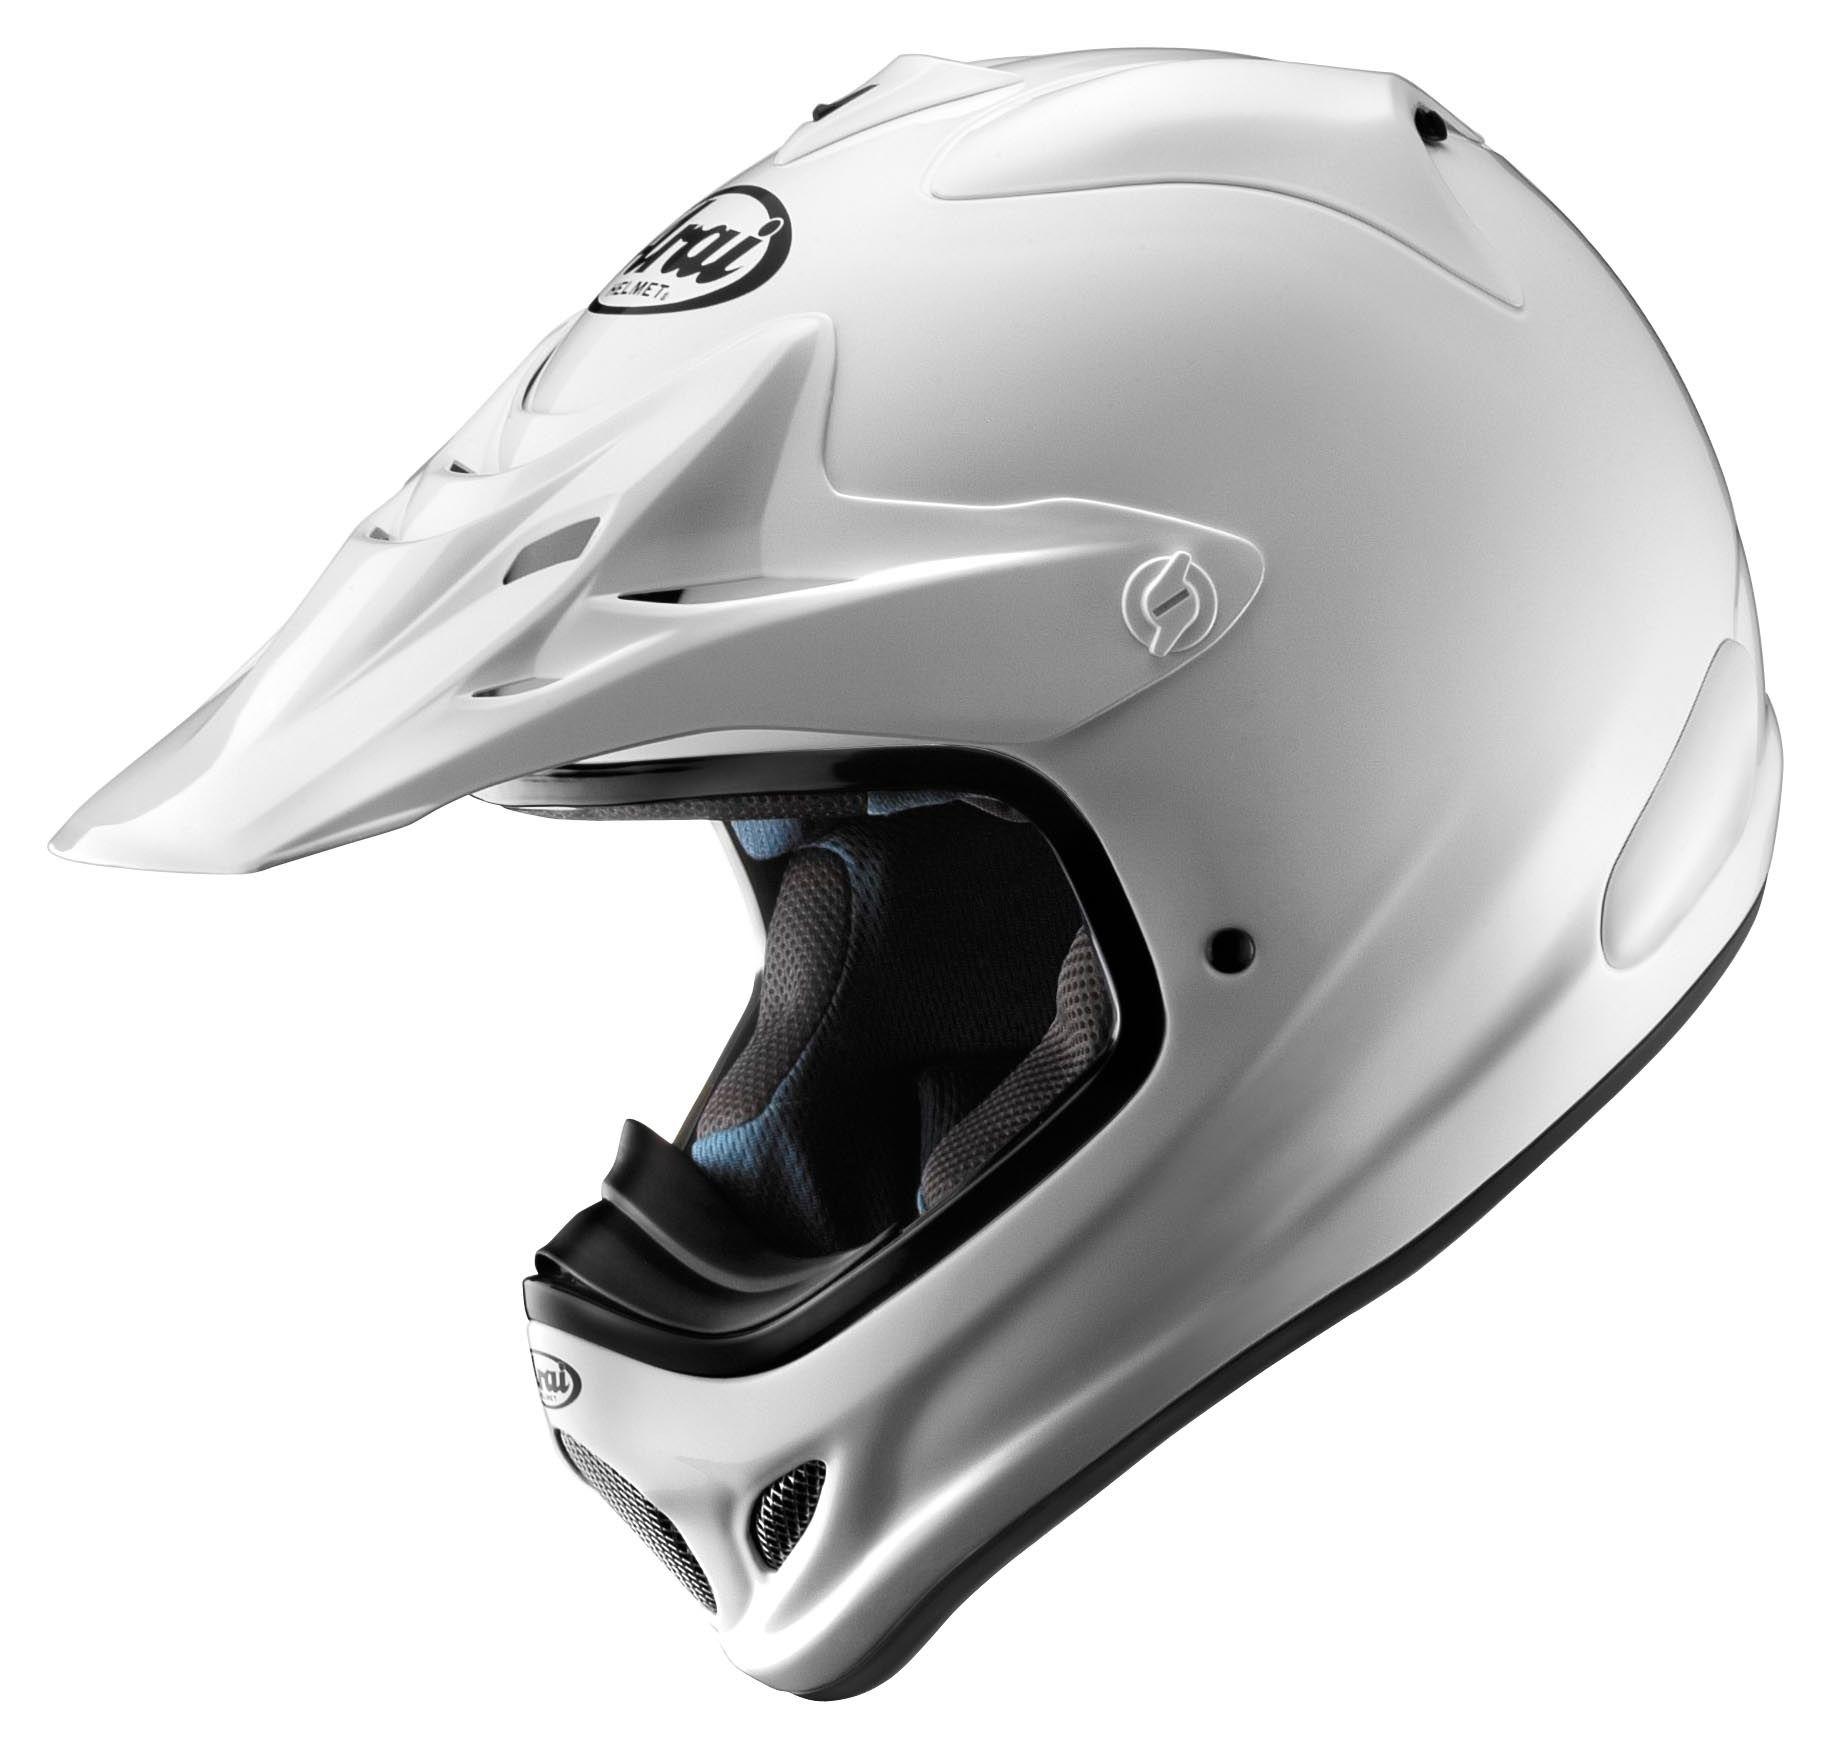 Arai Vx Pro 3 >> Arai_VX-Pro_3_White_Helmet_White.jpg